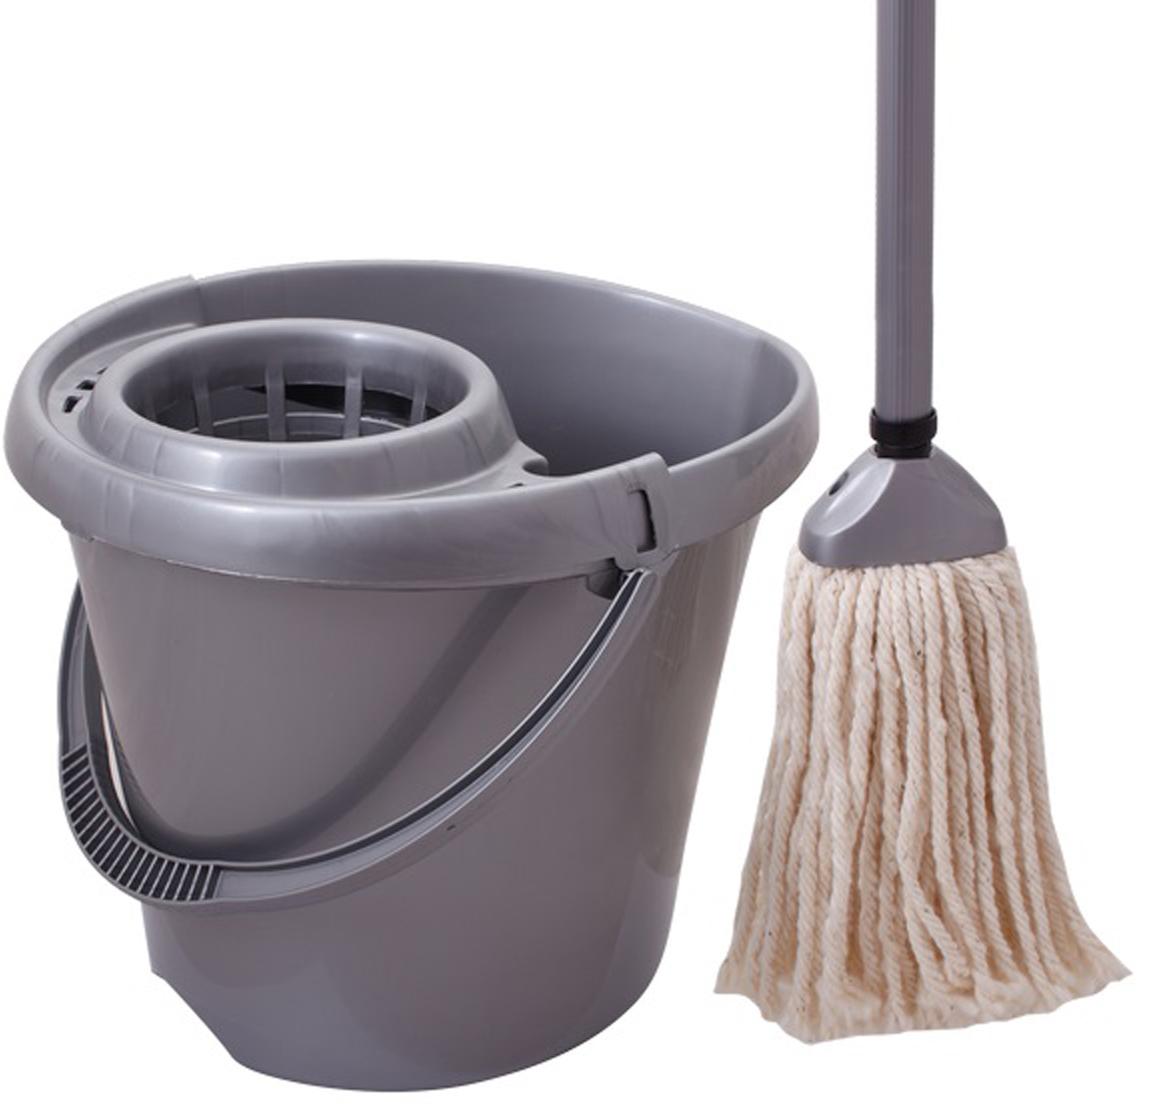 Комплект для влажной уборки Svip Моп, цвет: серебристый литье chi vietnam r8 18 19 a4l a6l a8l q5 r8 tt